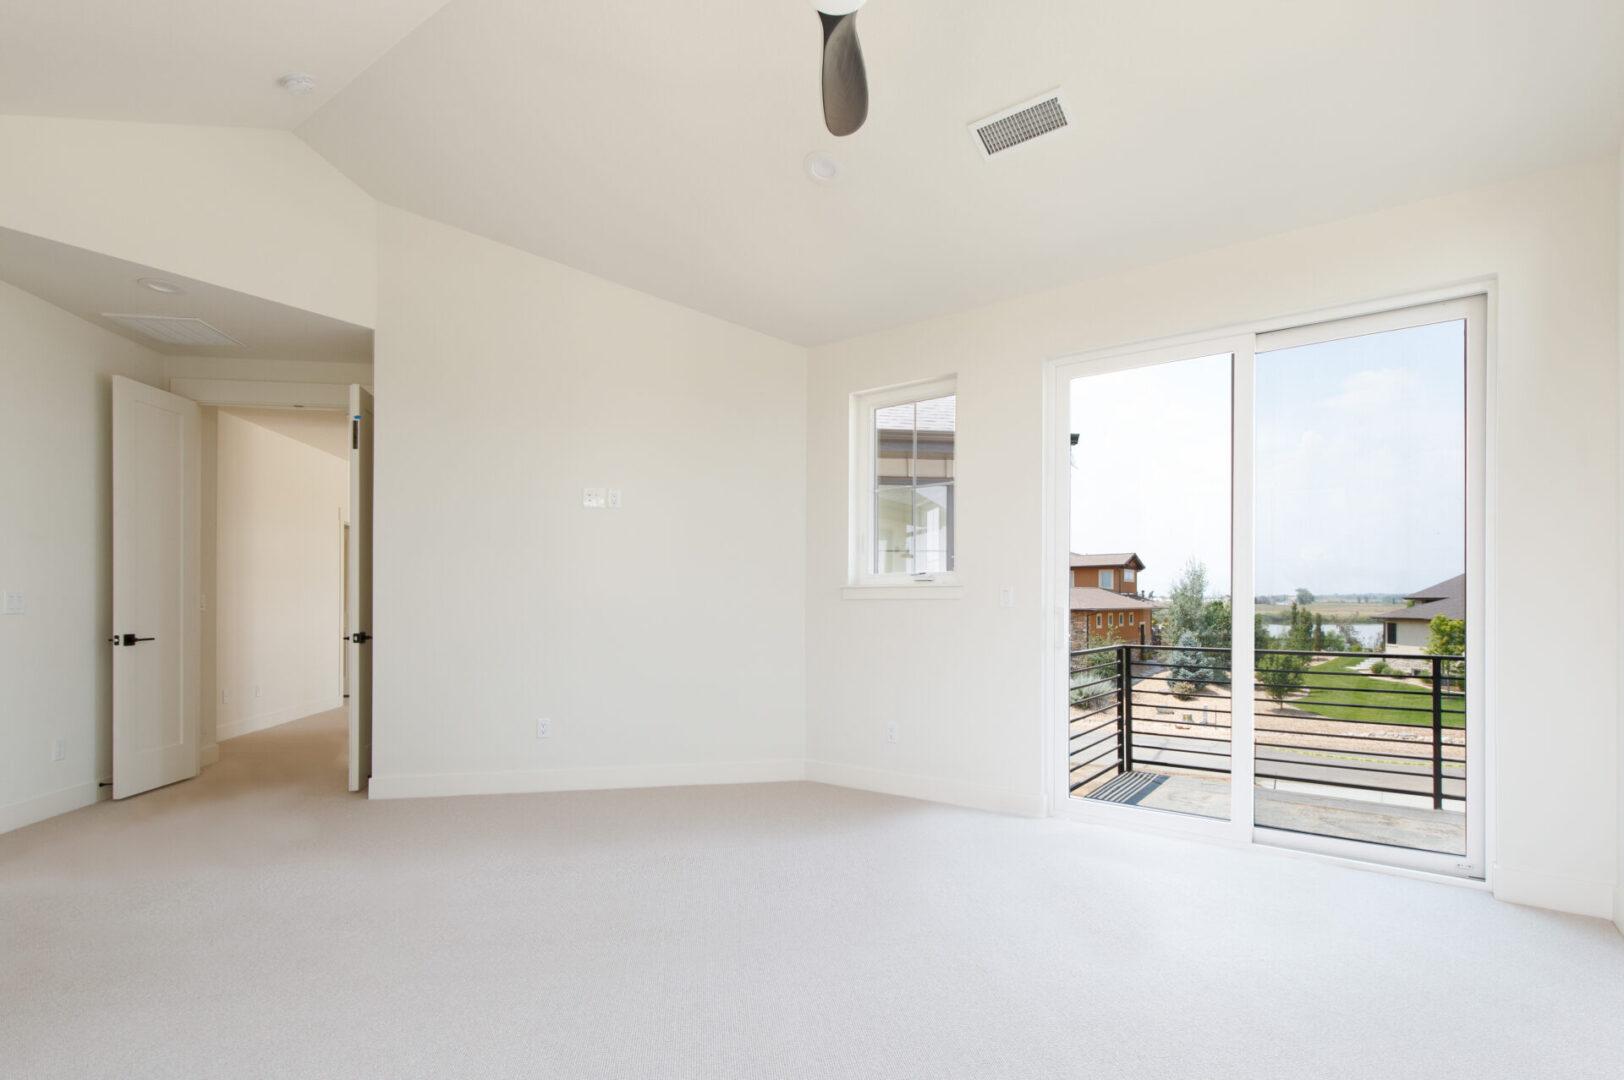 empty room with open balcony